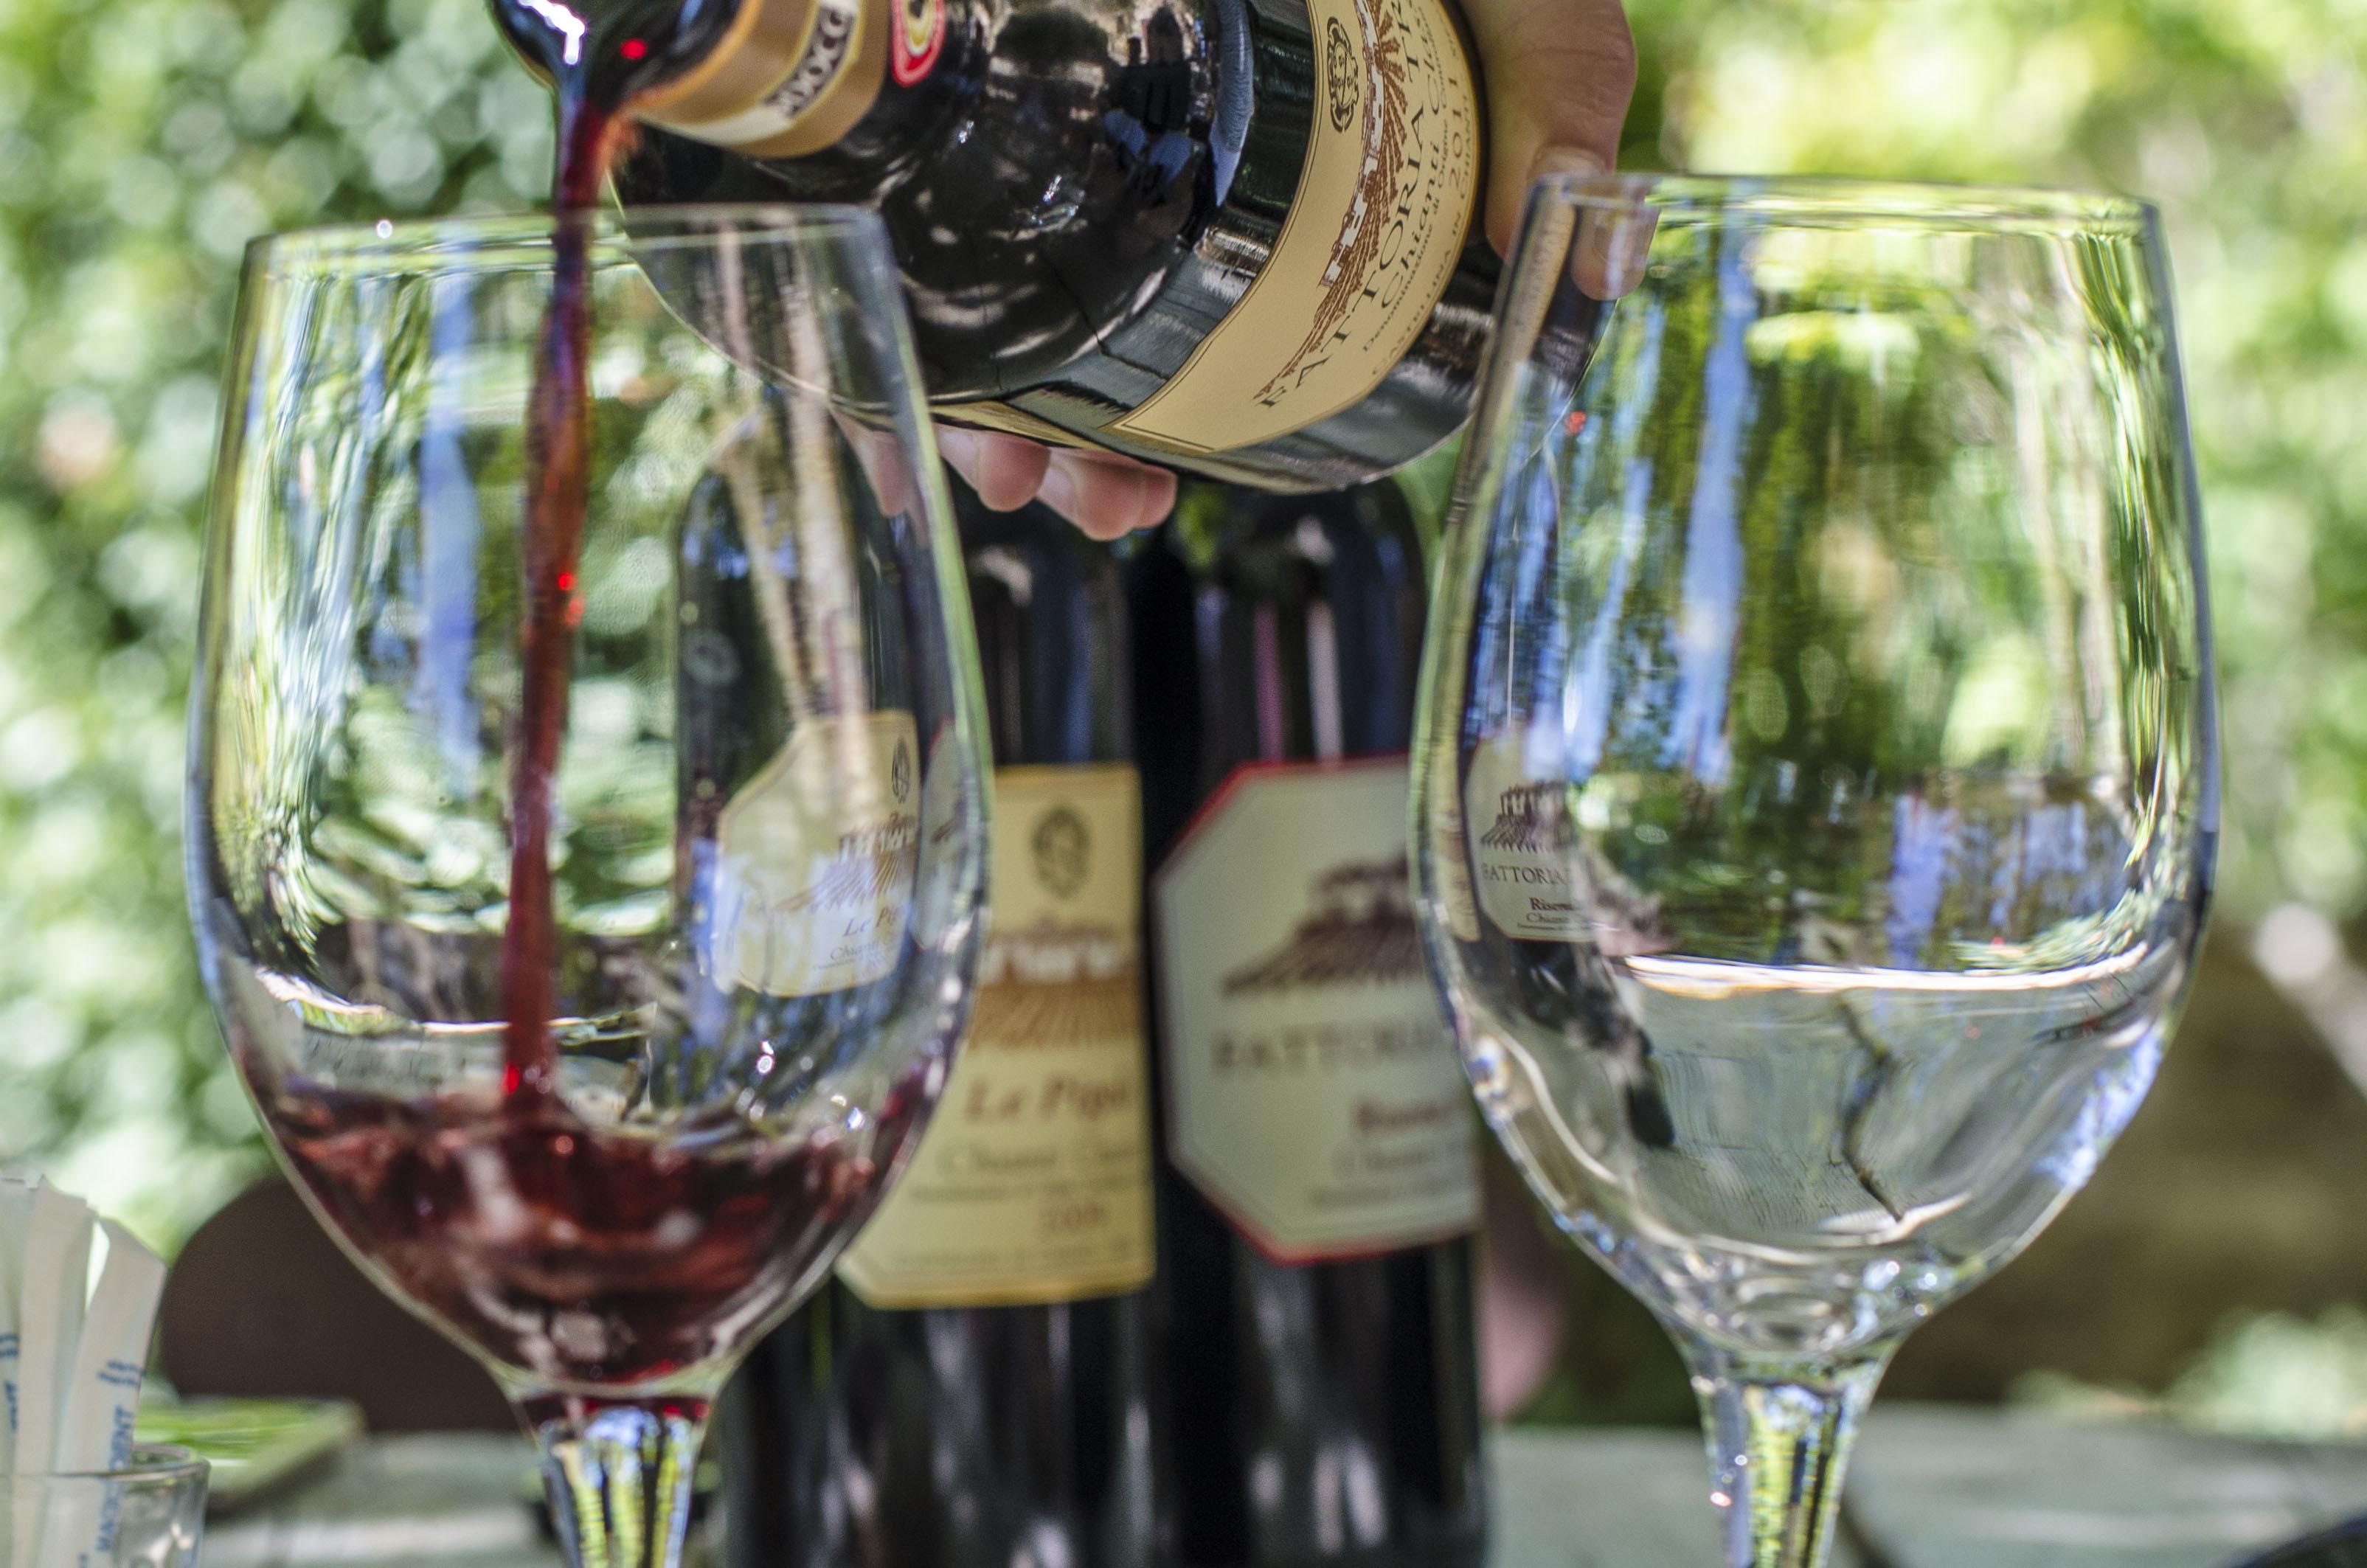 tregole-chianti-vendemmia-vino